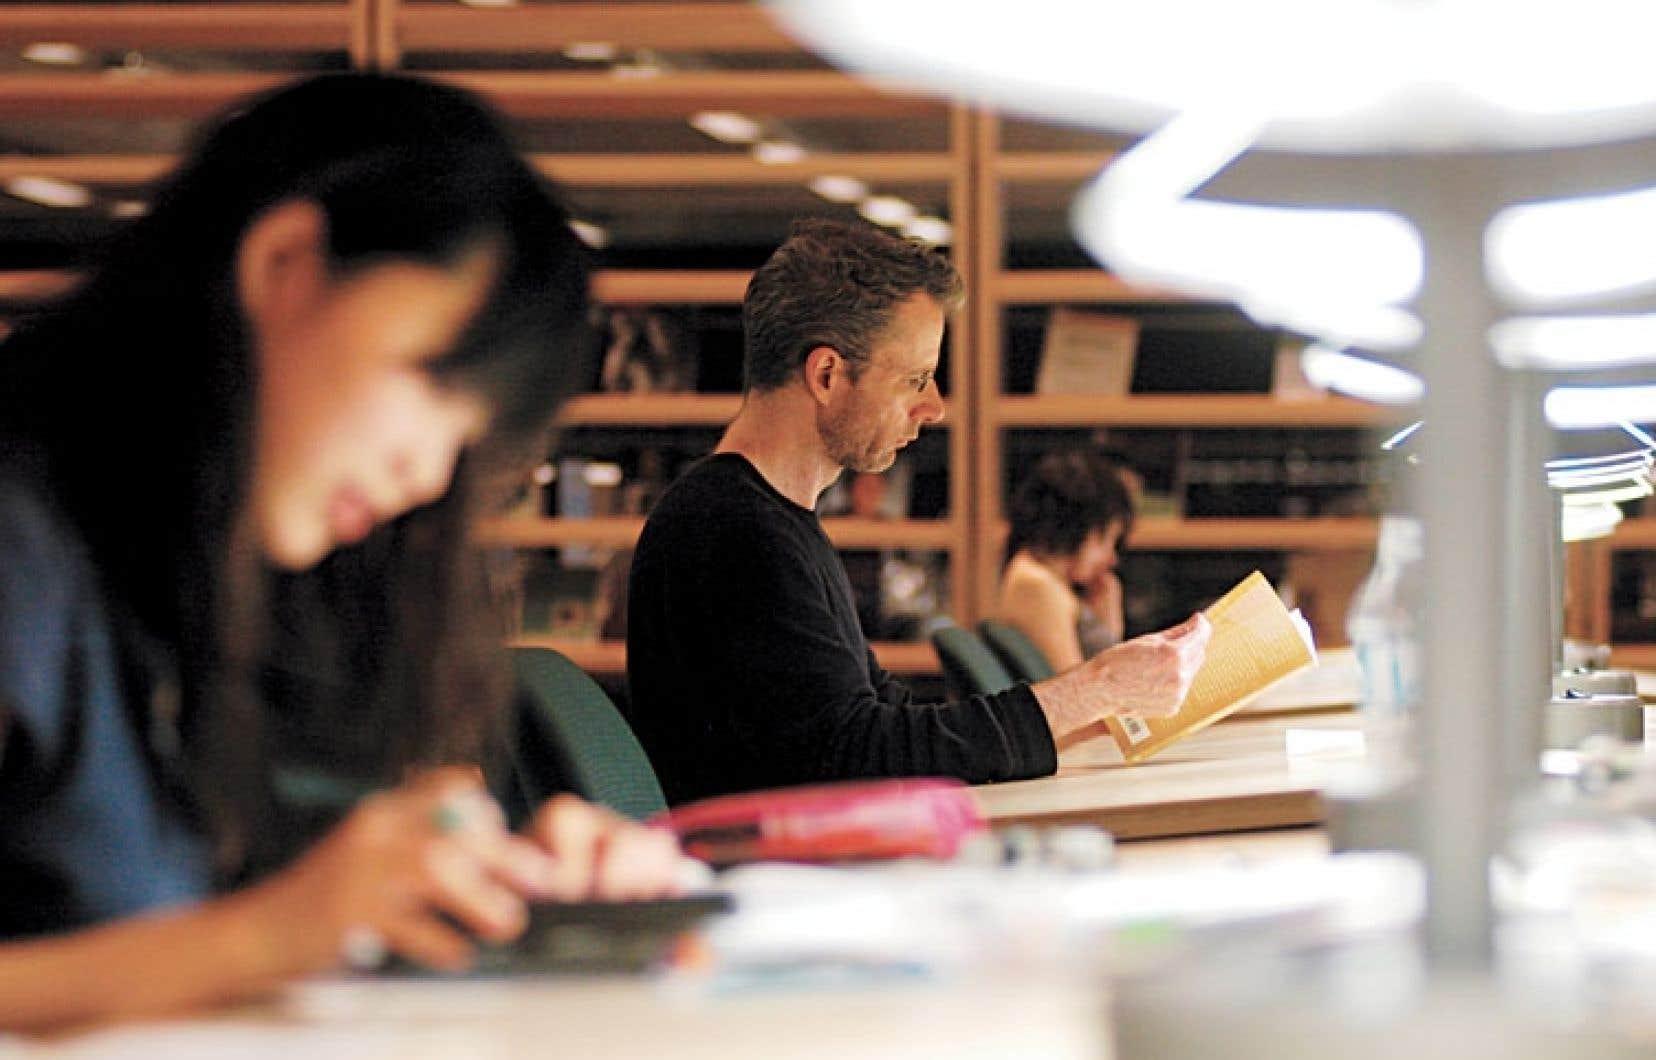 La lecture favoriserait une pensée sophistiquée et une plus grande ouverture d'esprit.